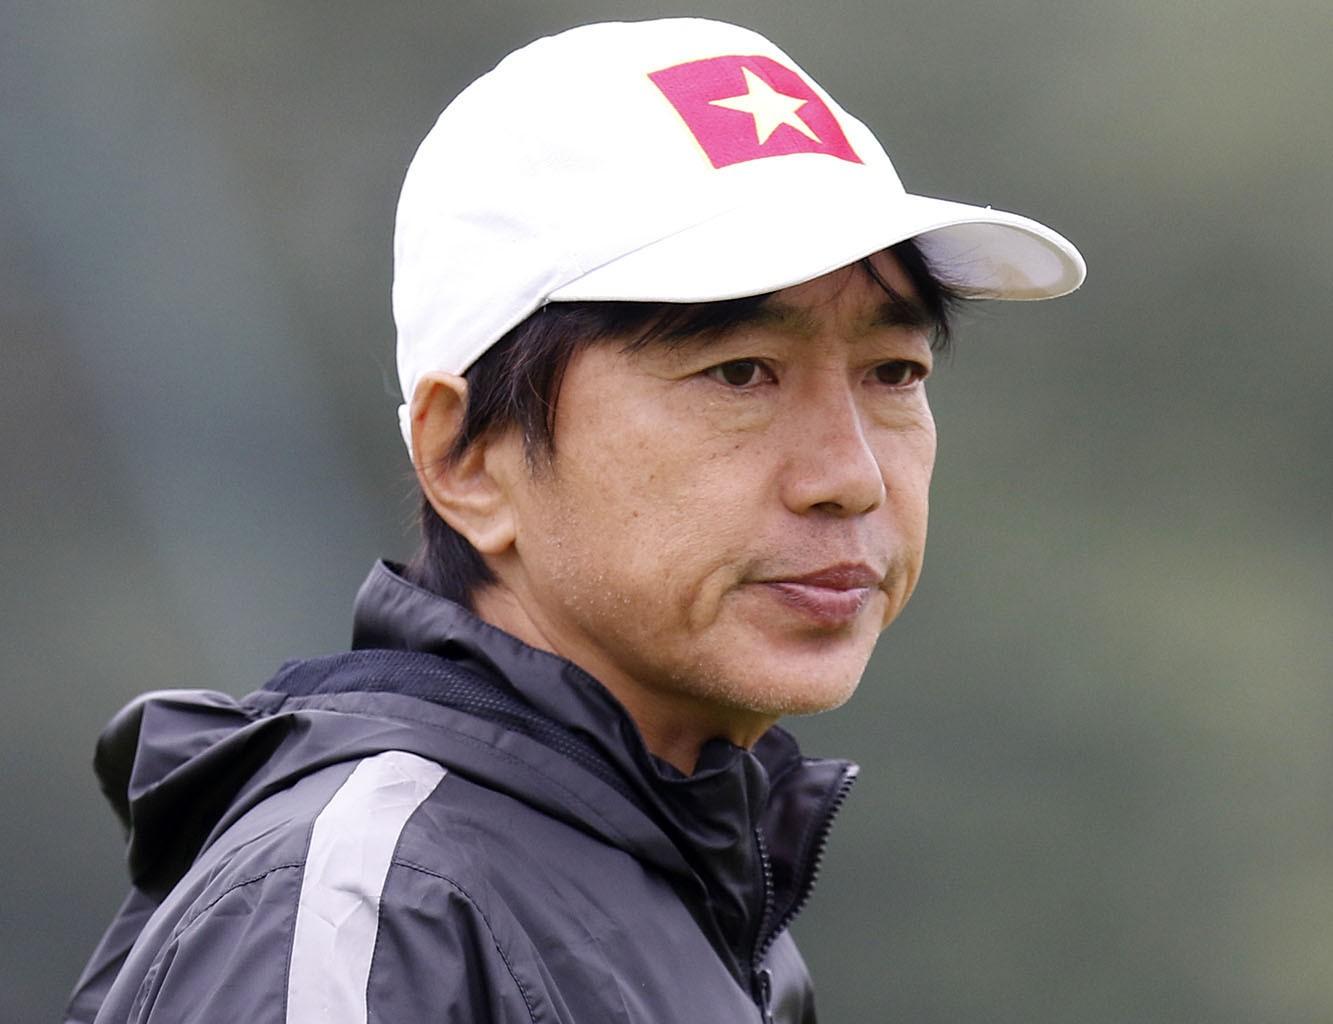 HLV Miura liên tục phải chịu những chỉ trích từ truyền thông